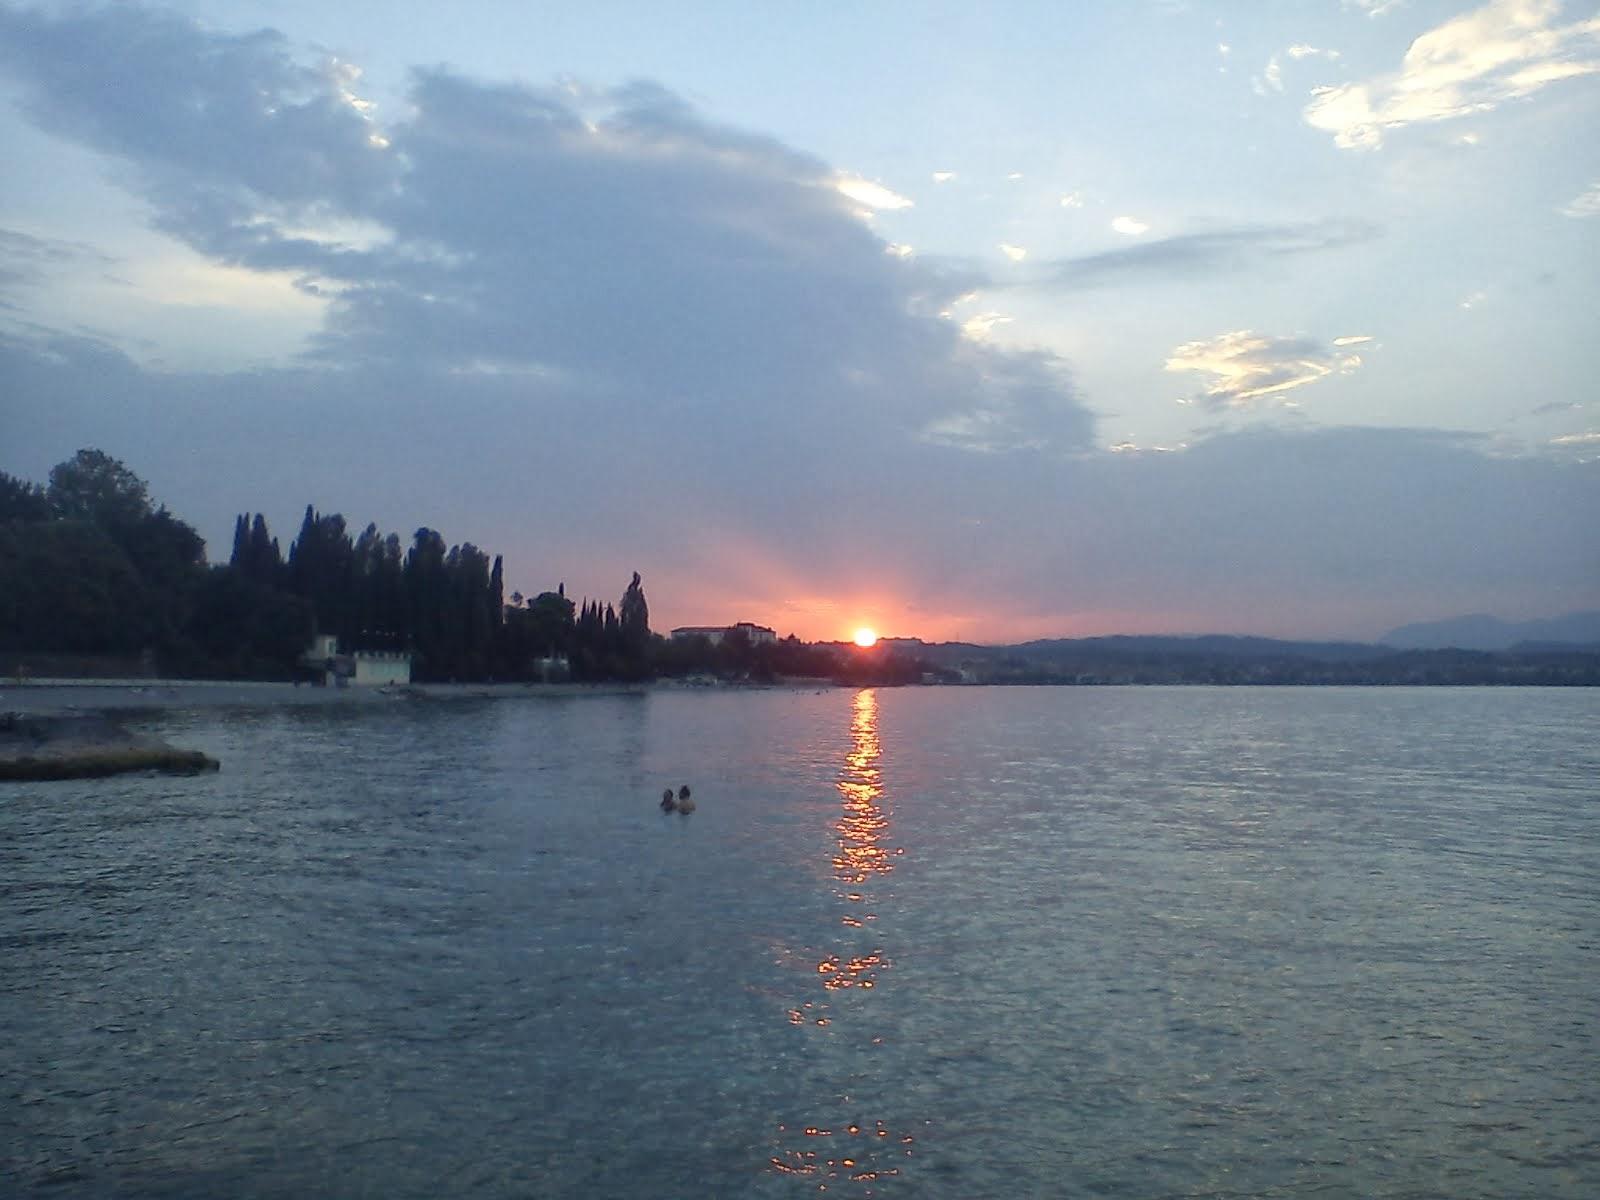 Pensieri sparsi all'orizzonte del mio lago